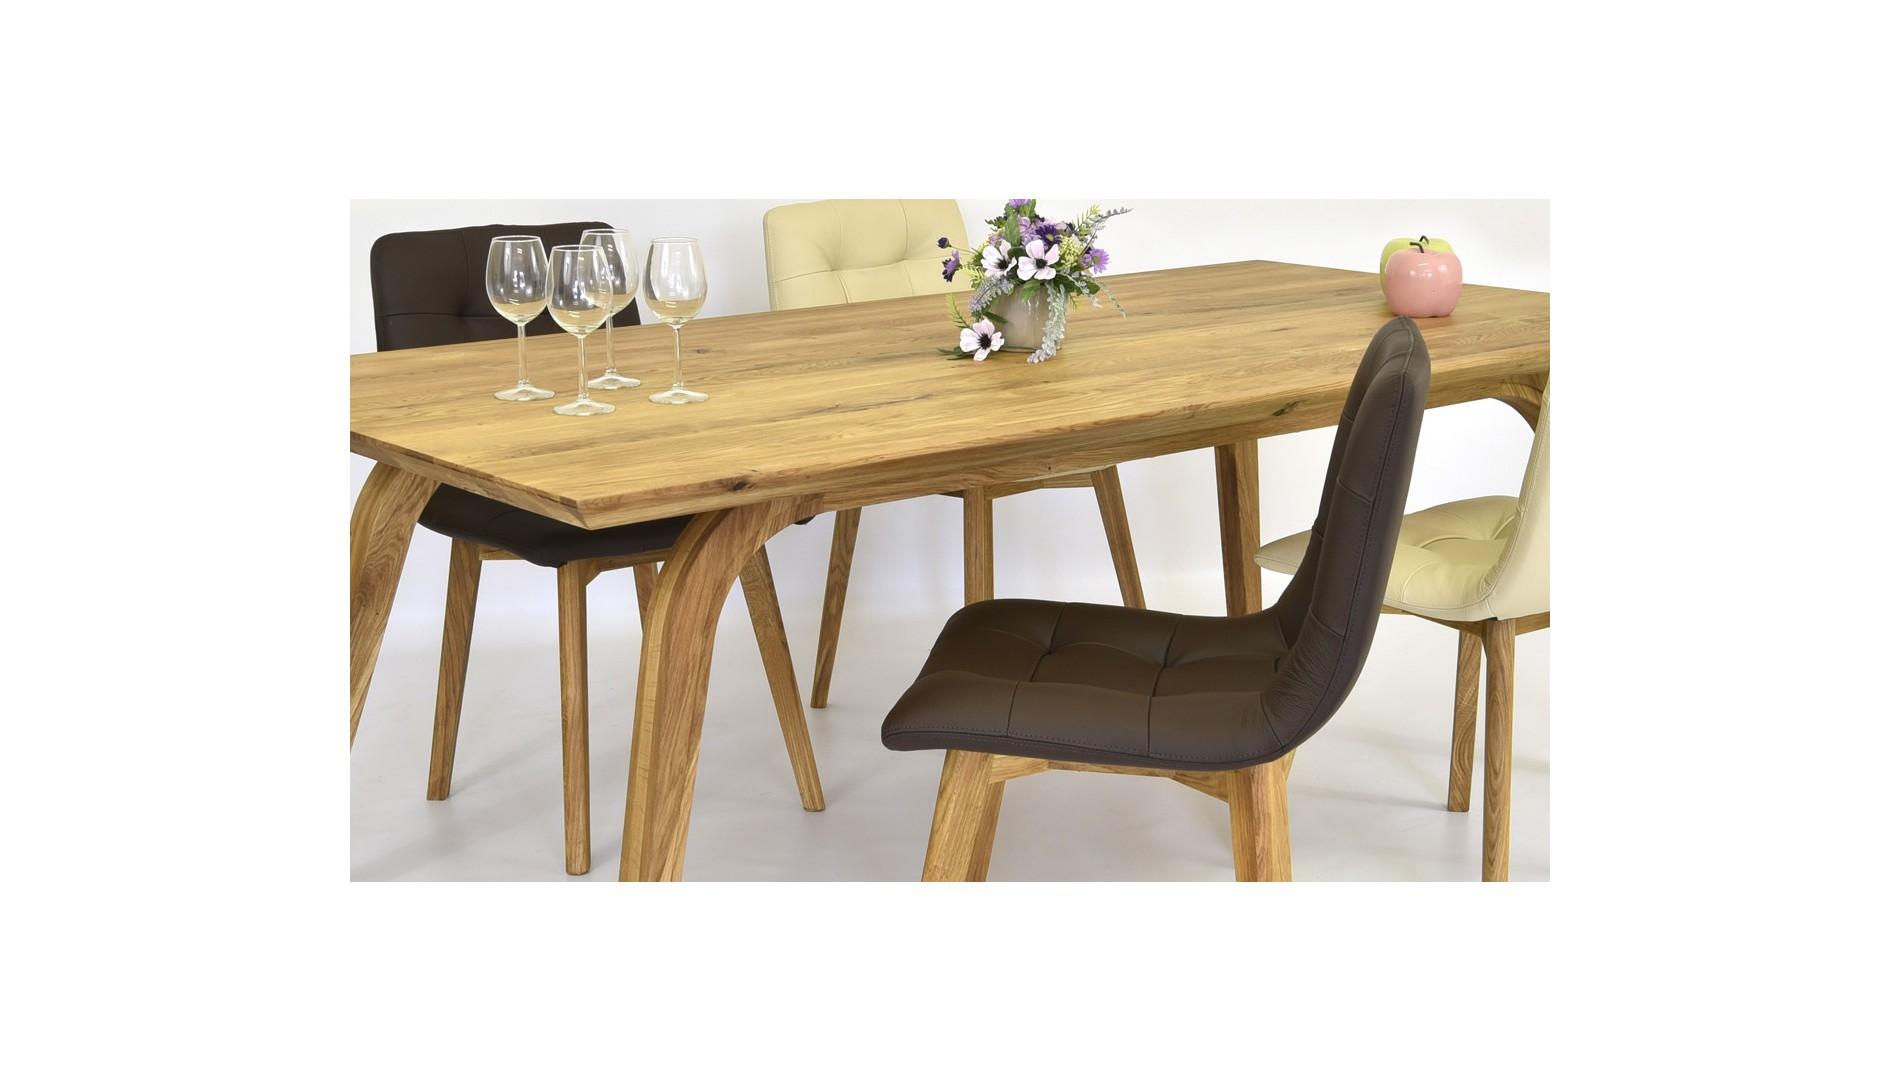 Ebédlőasztal és székek rusztikus stílusban